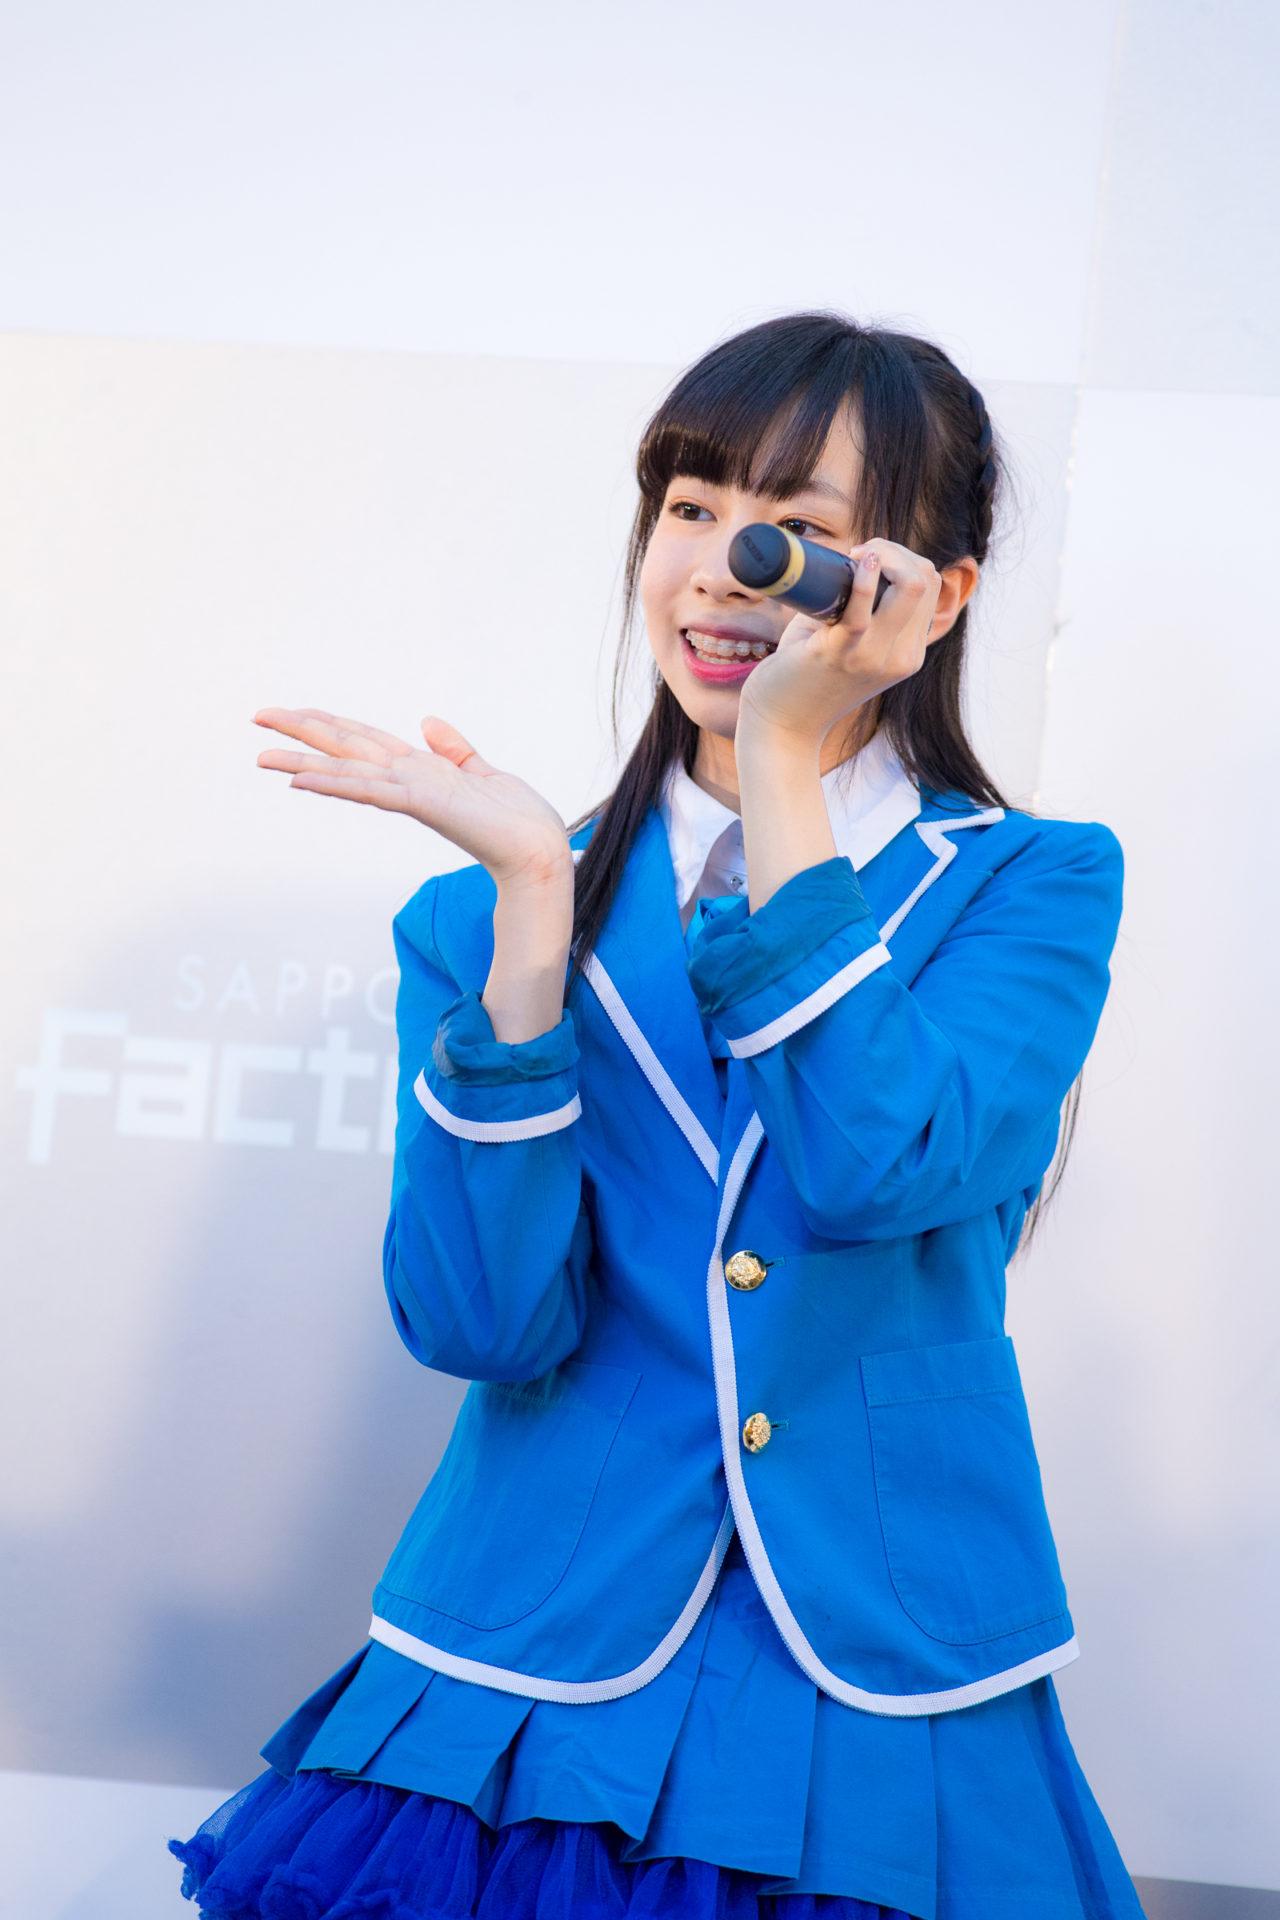 フルーティー♡ さえ ( 大井彩愛 )   キッズ JOB TOWN in サッポロファクトリー